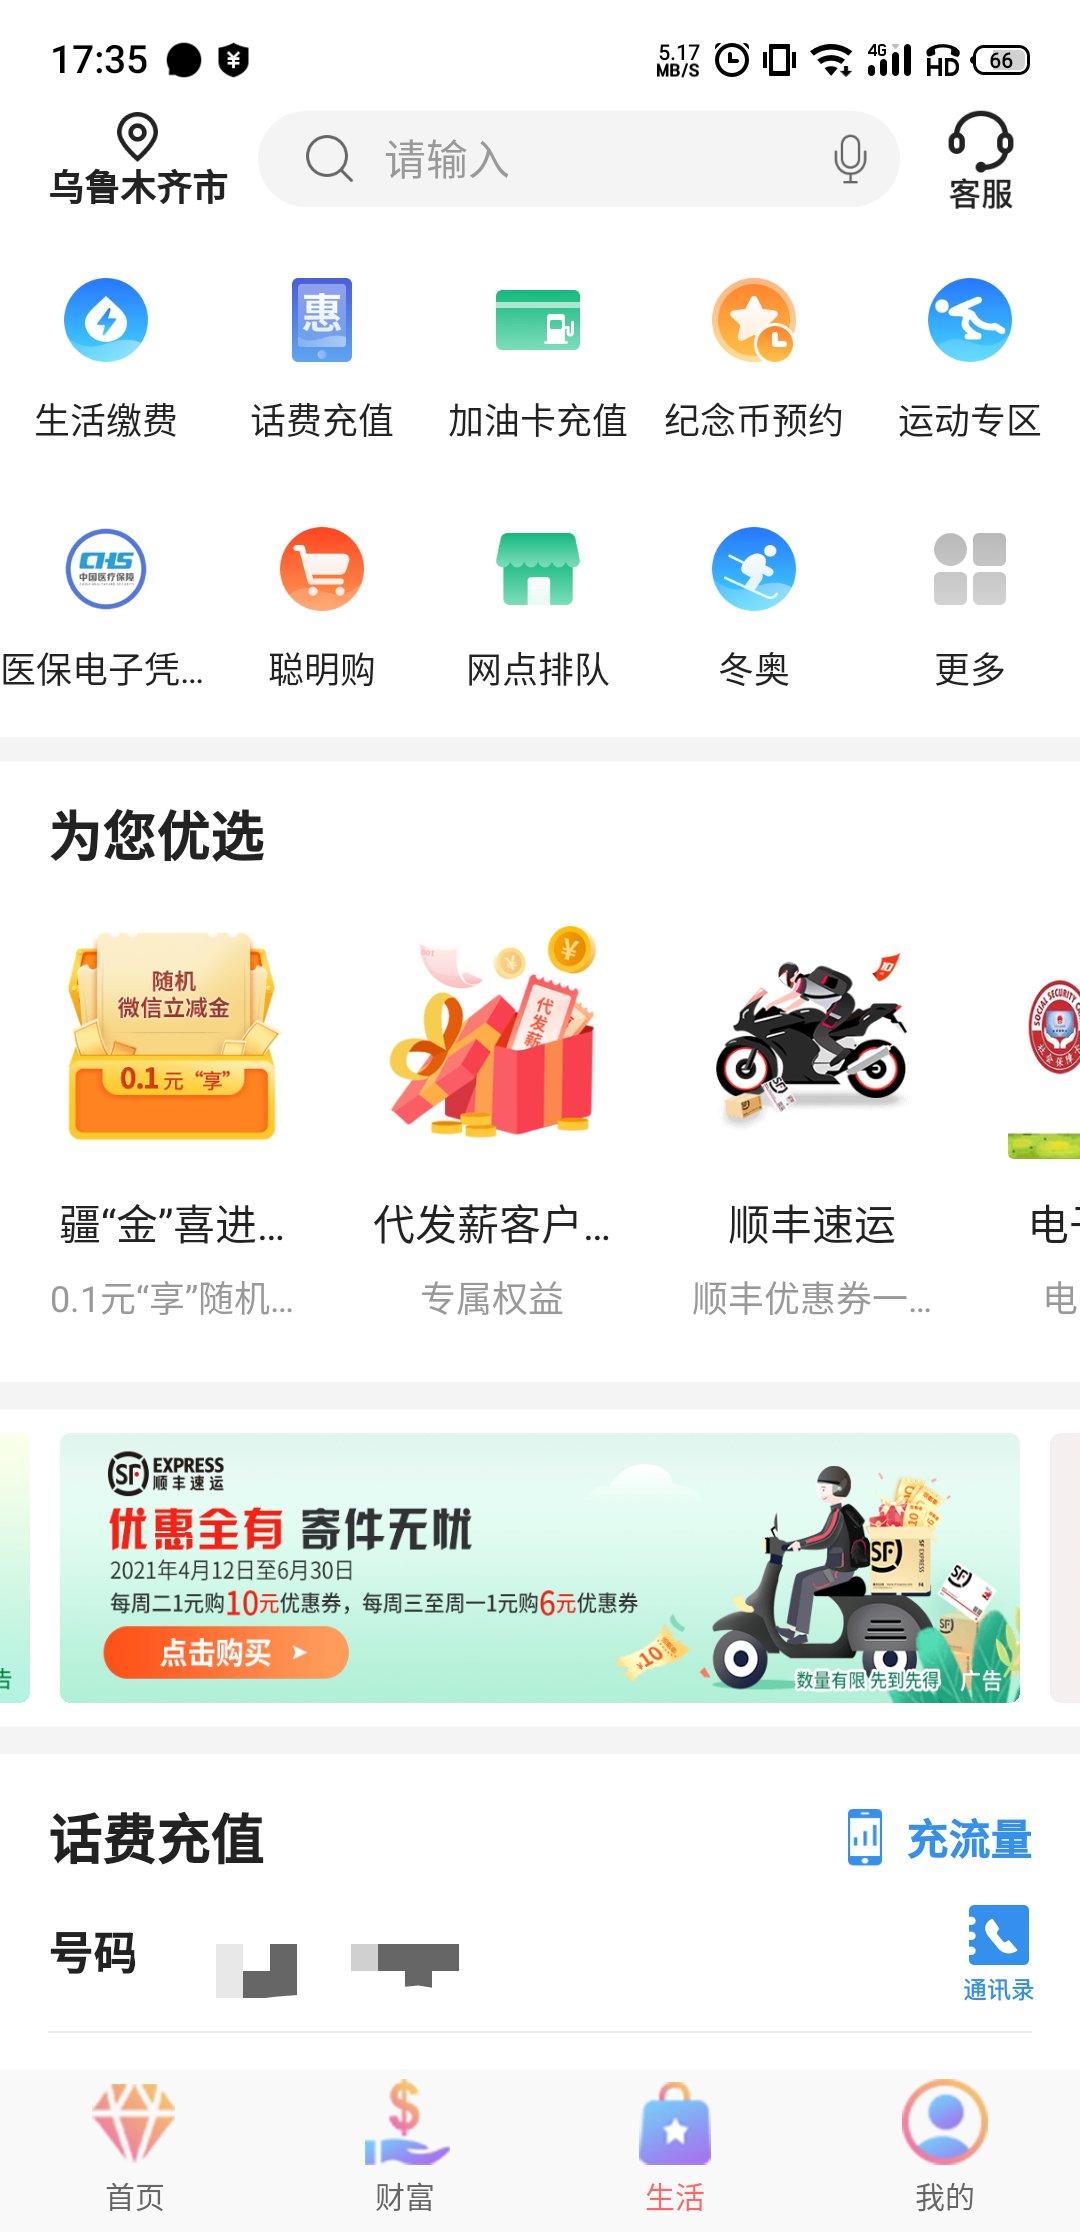 中国银行0.1元得微信无门槛立减